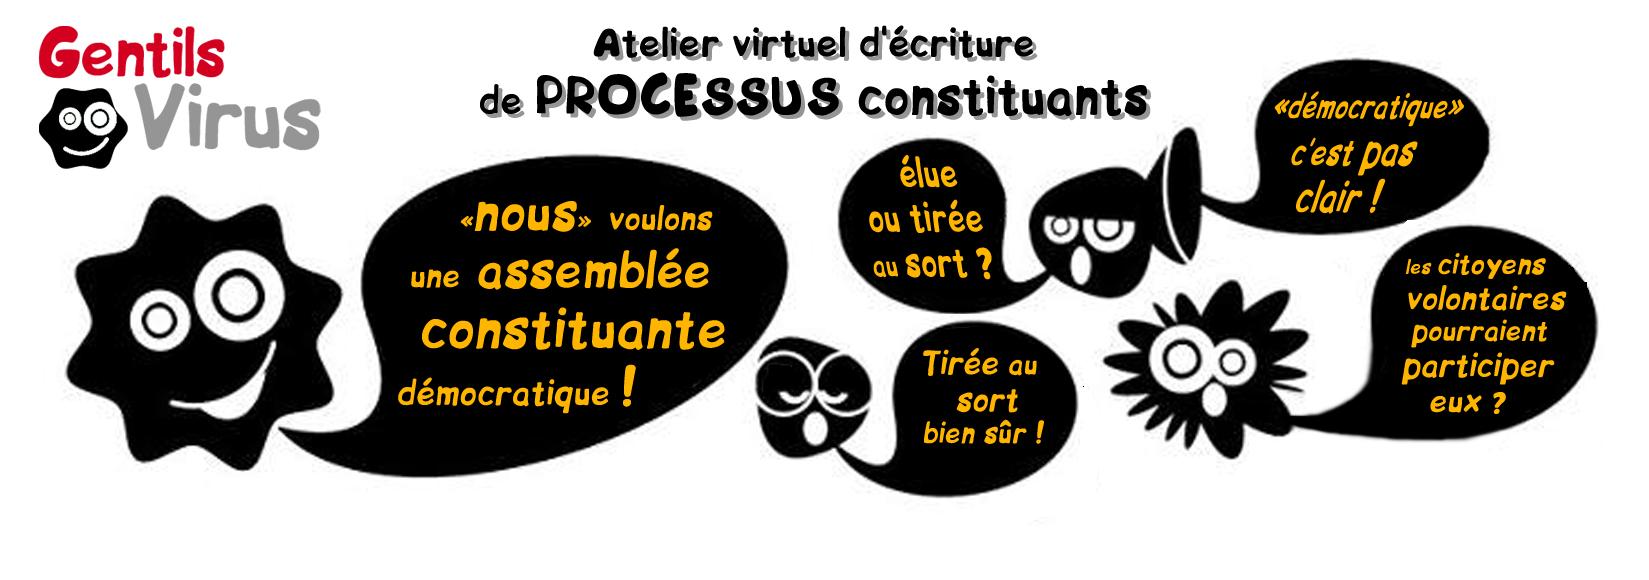 gv-processus